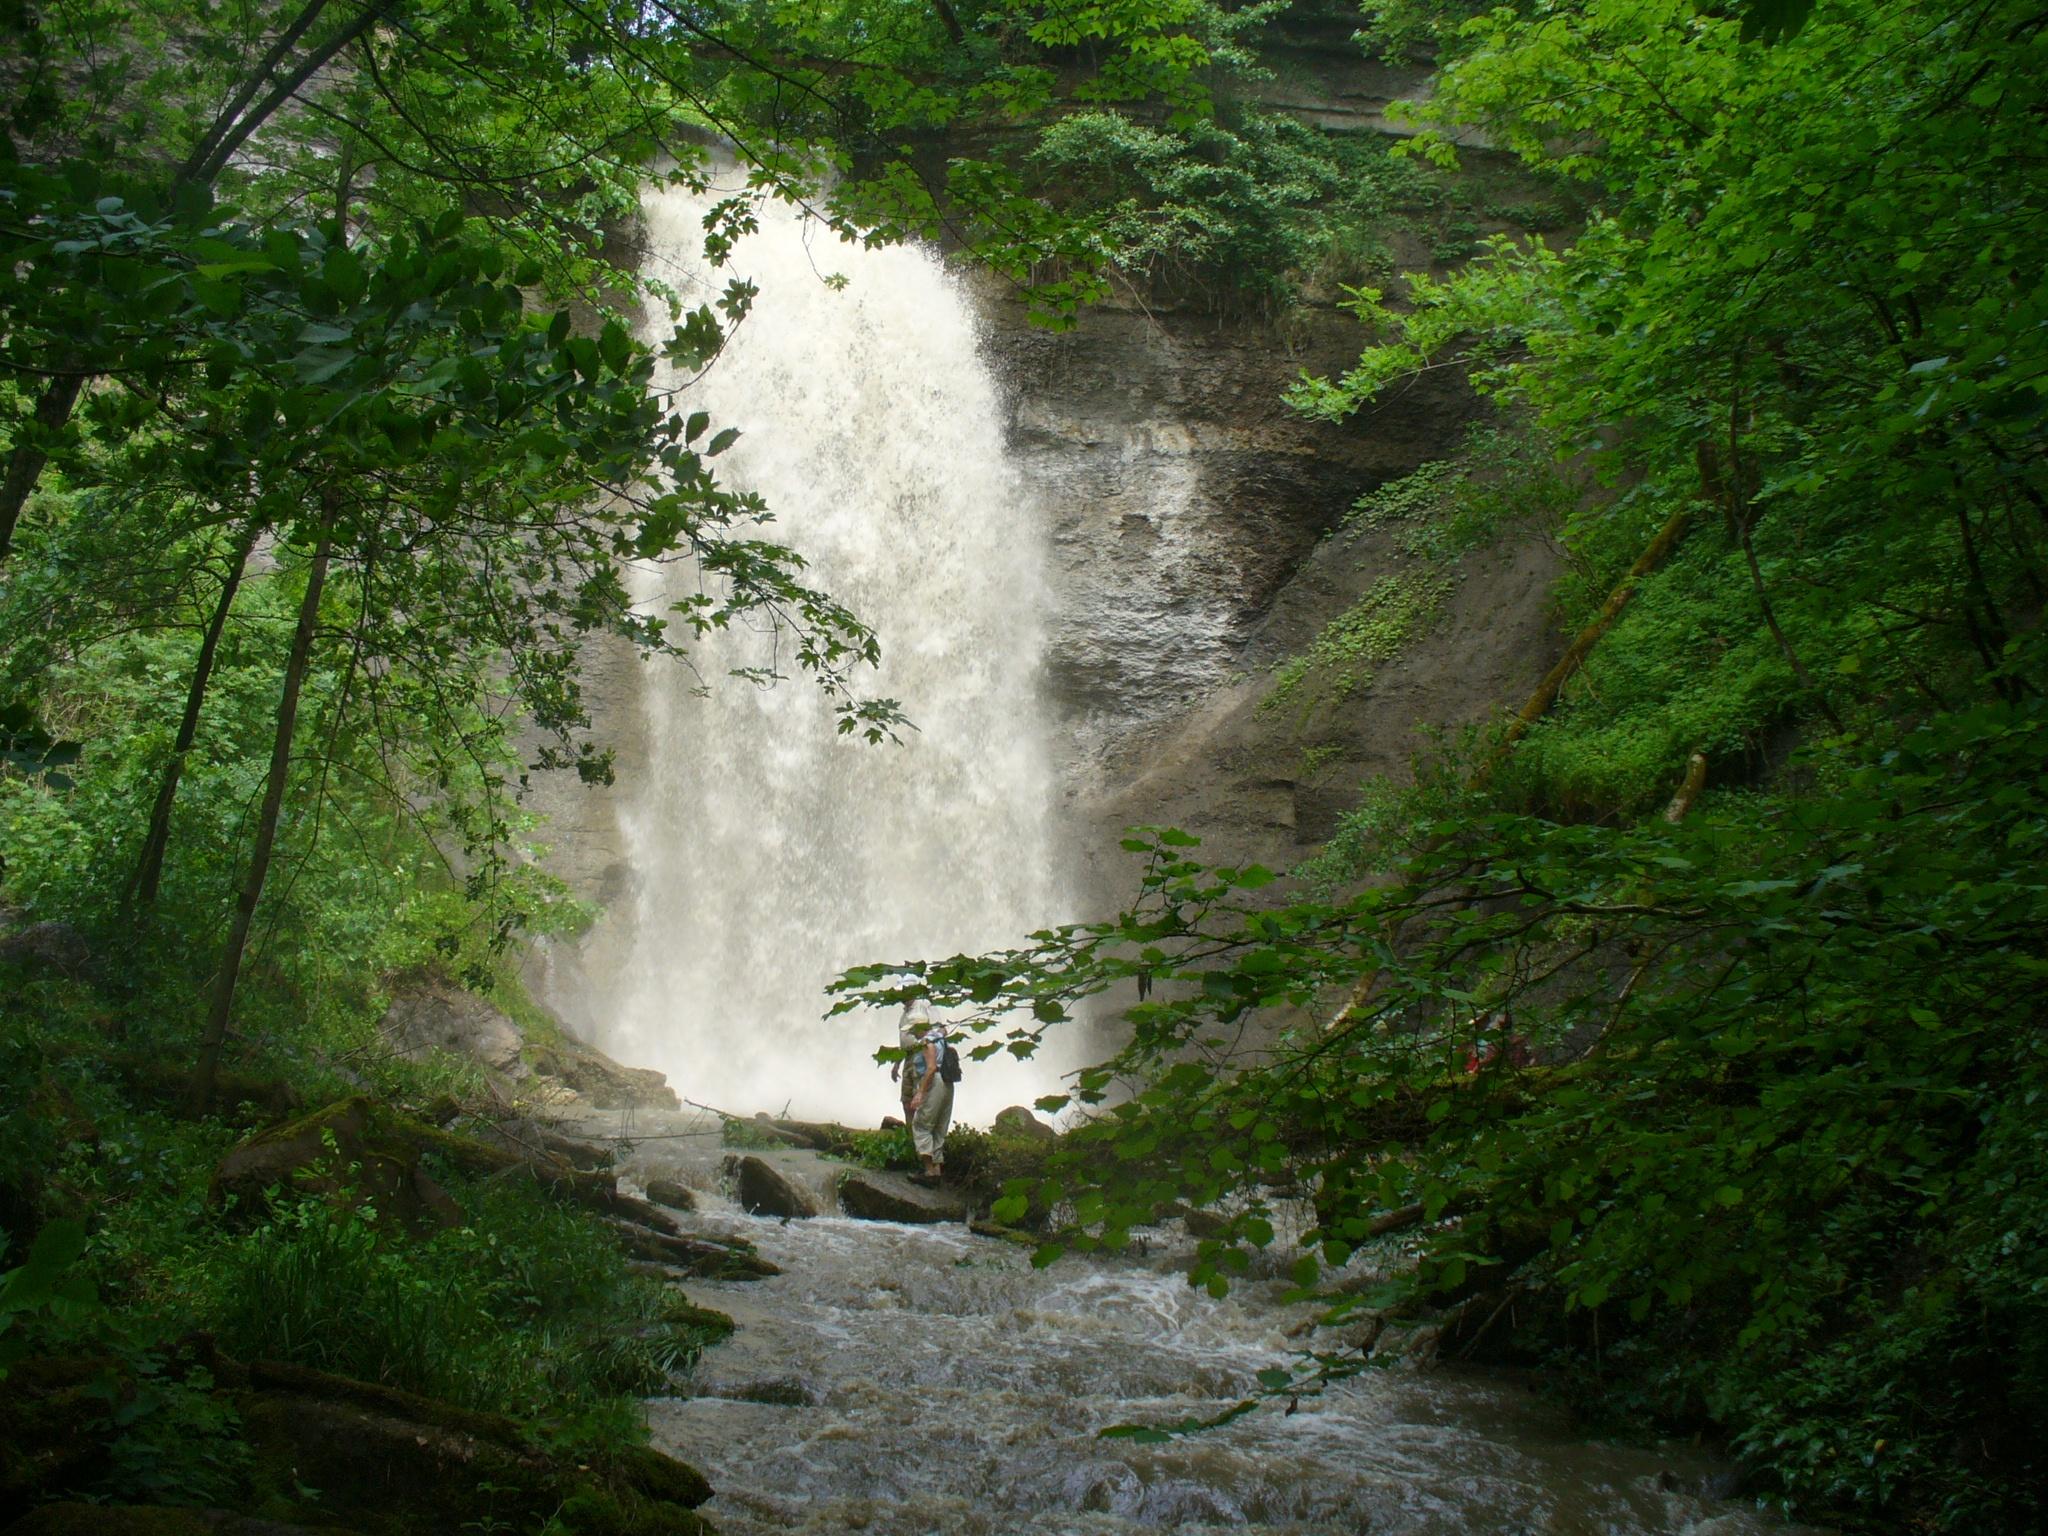 Zillhauser Wasserfall